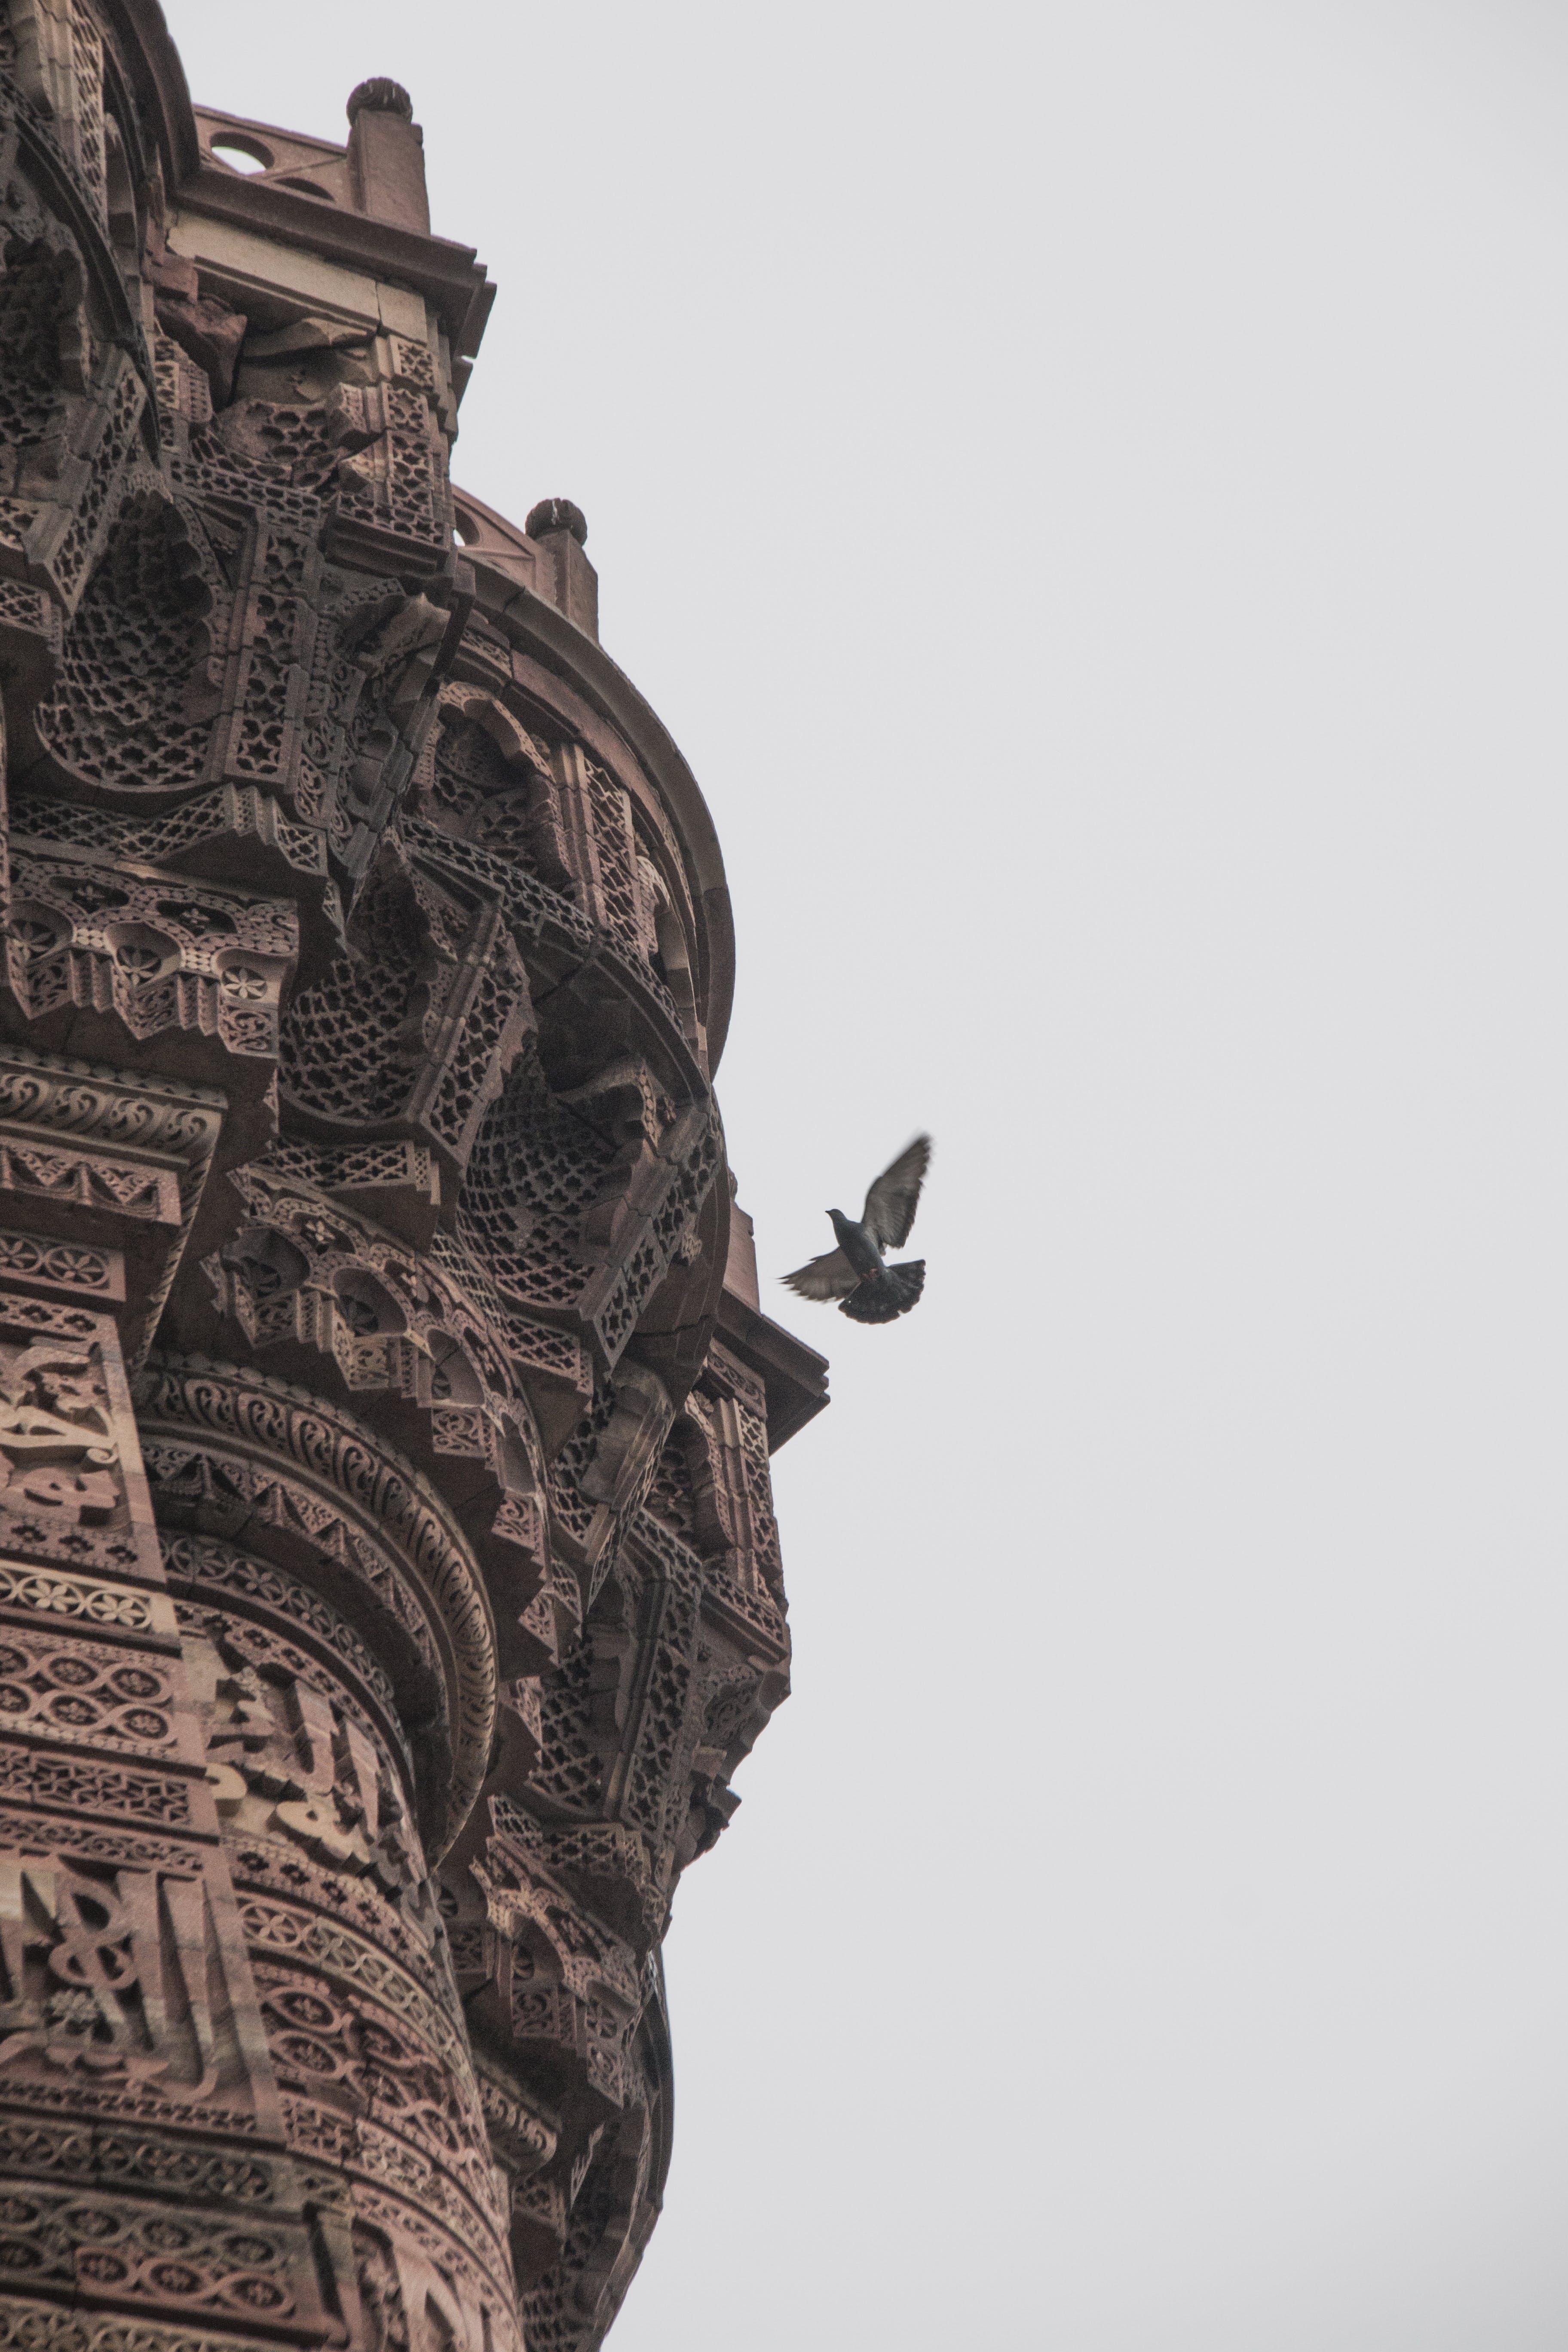 Free stock photo of #Qutub #minar #delhi #india #Dove #monument